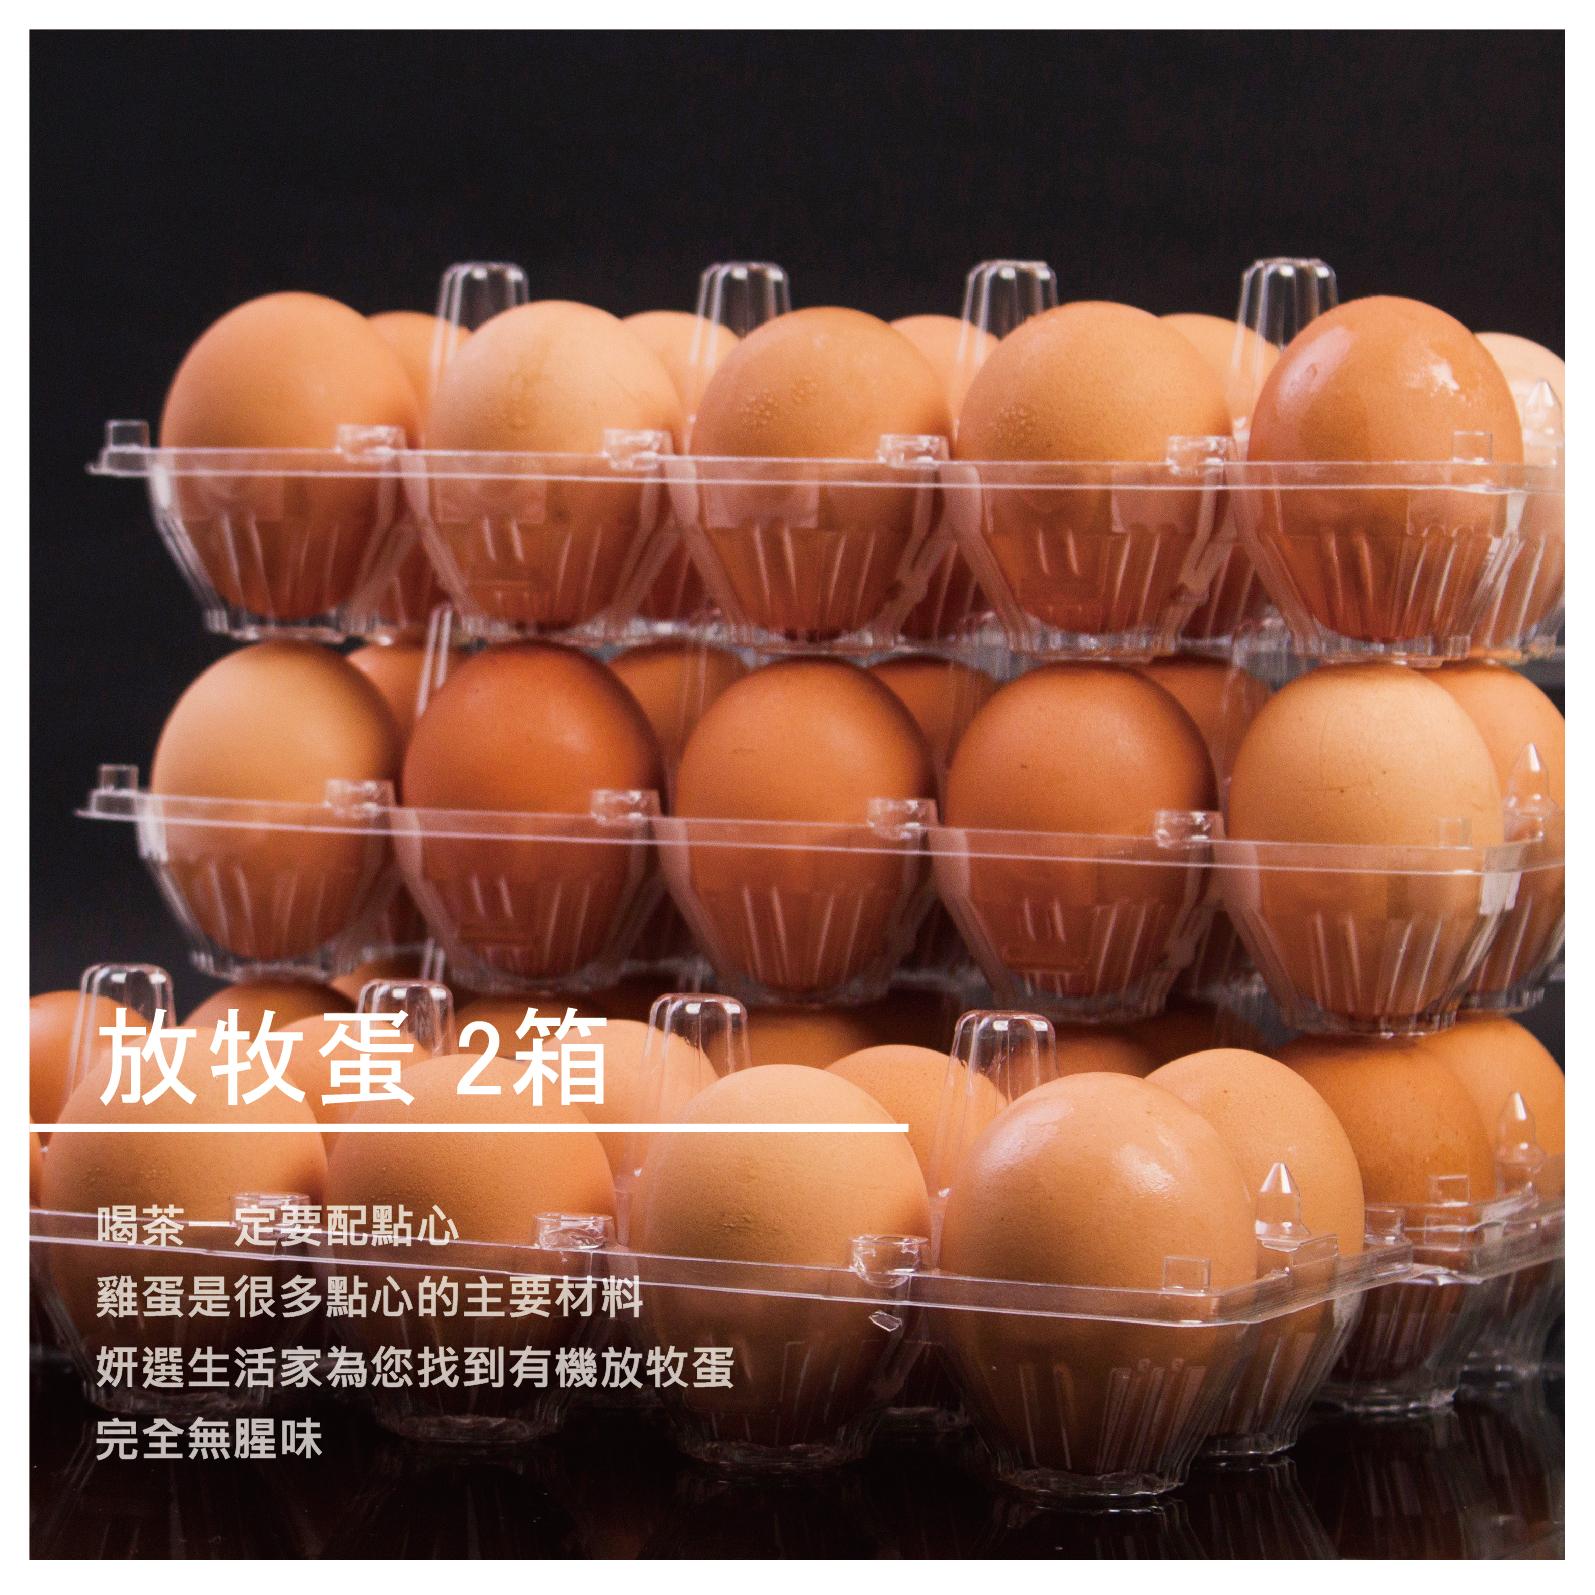 【禾心良食】放牧蛋 2箱